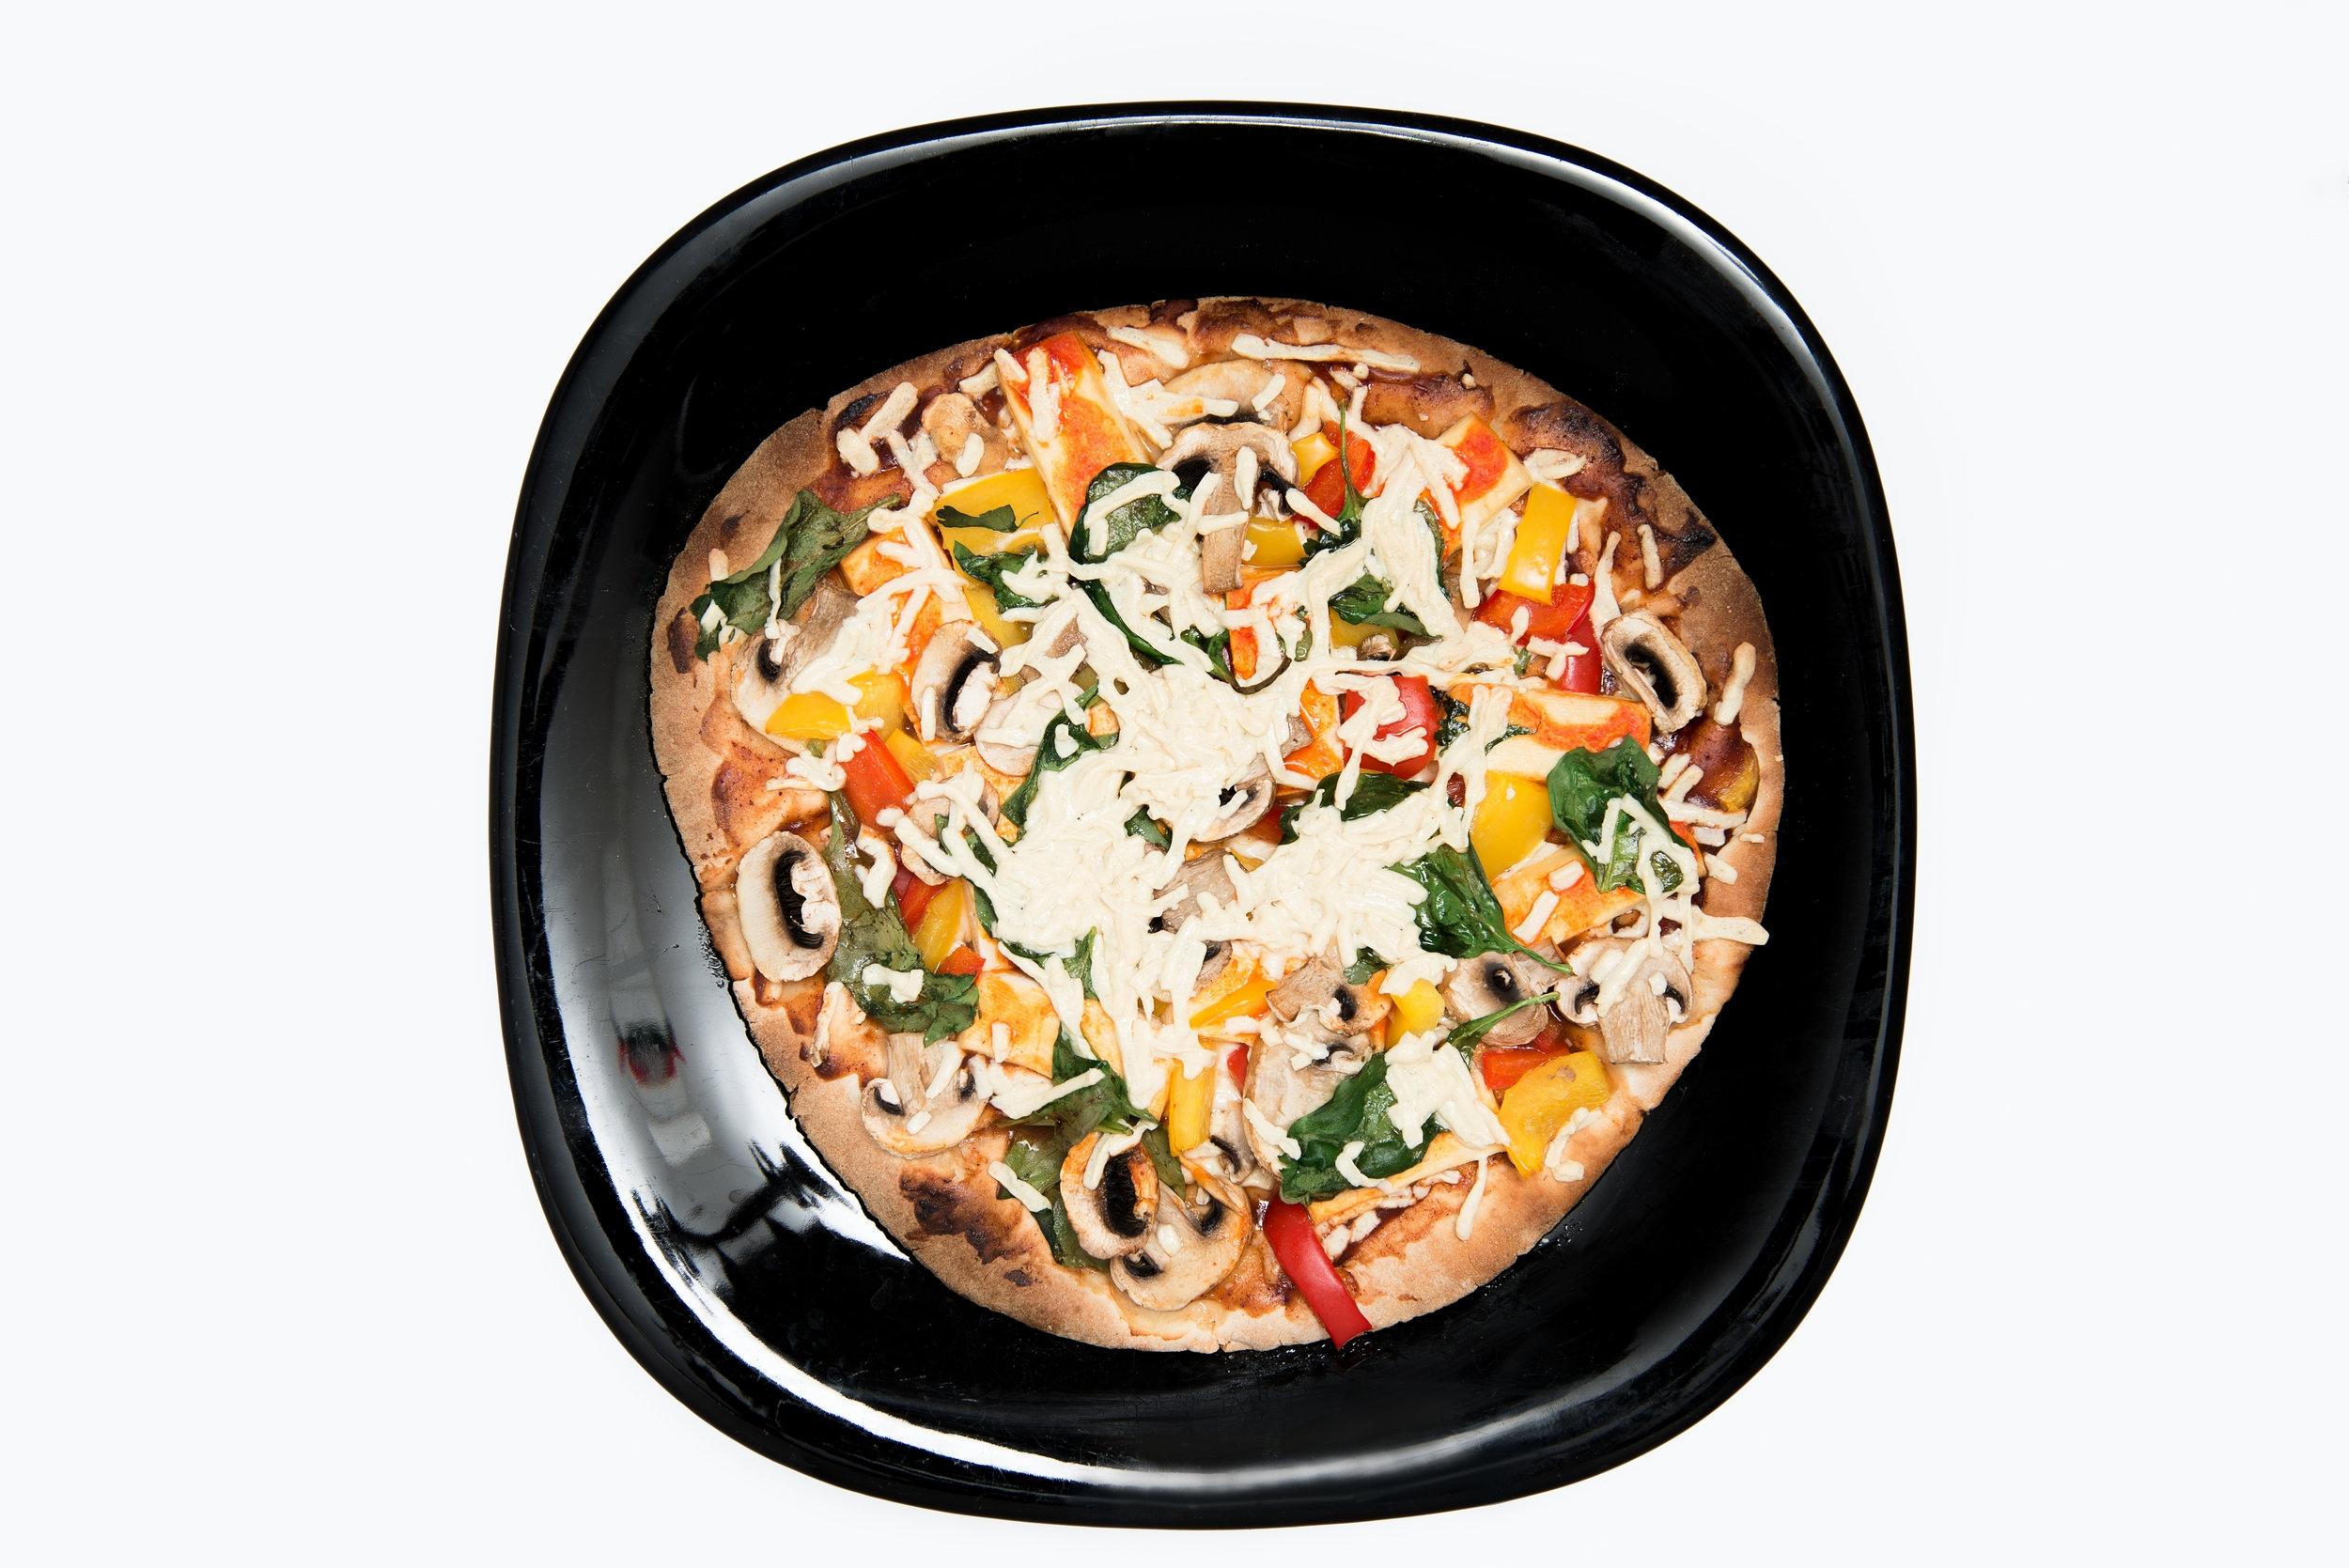 Step 3: Bake for 12 min and MMMMMM Vegan Pizza